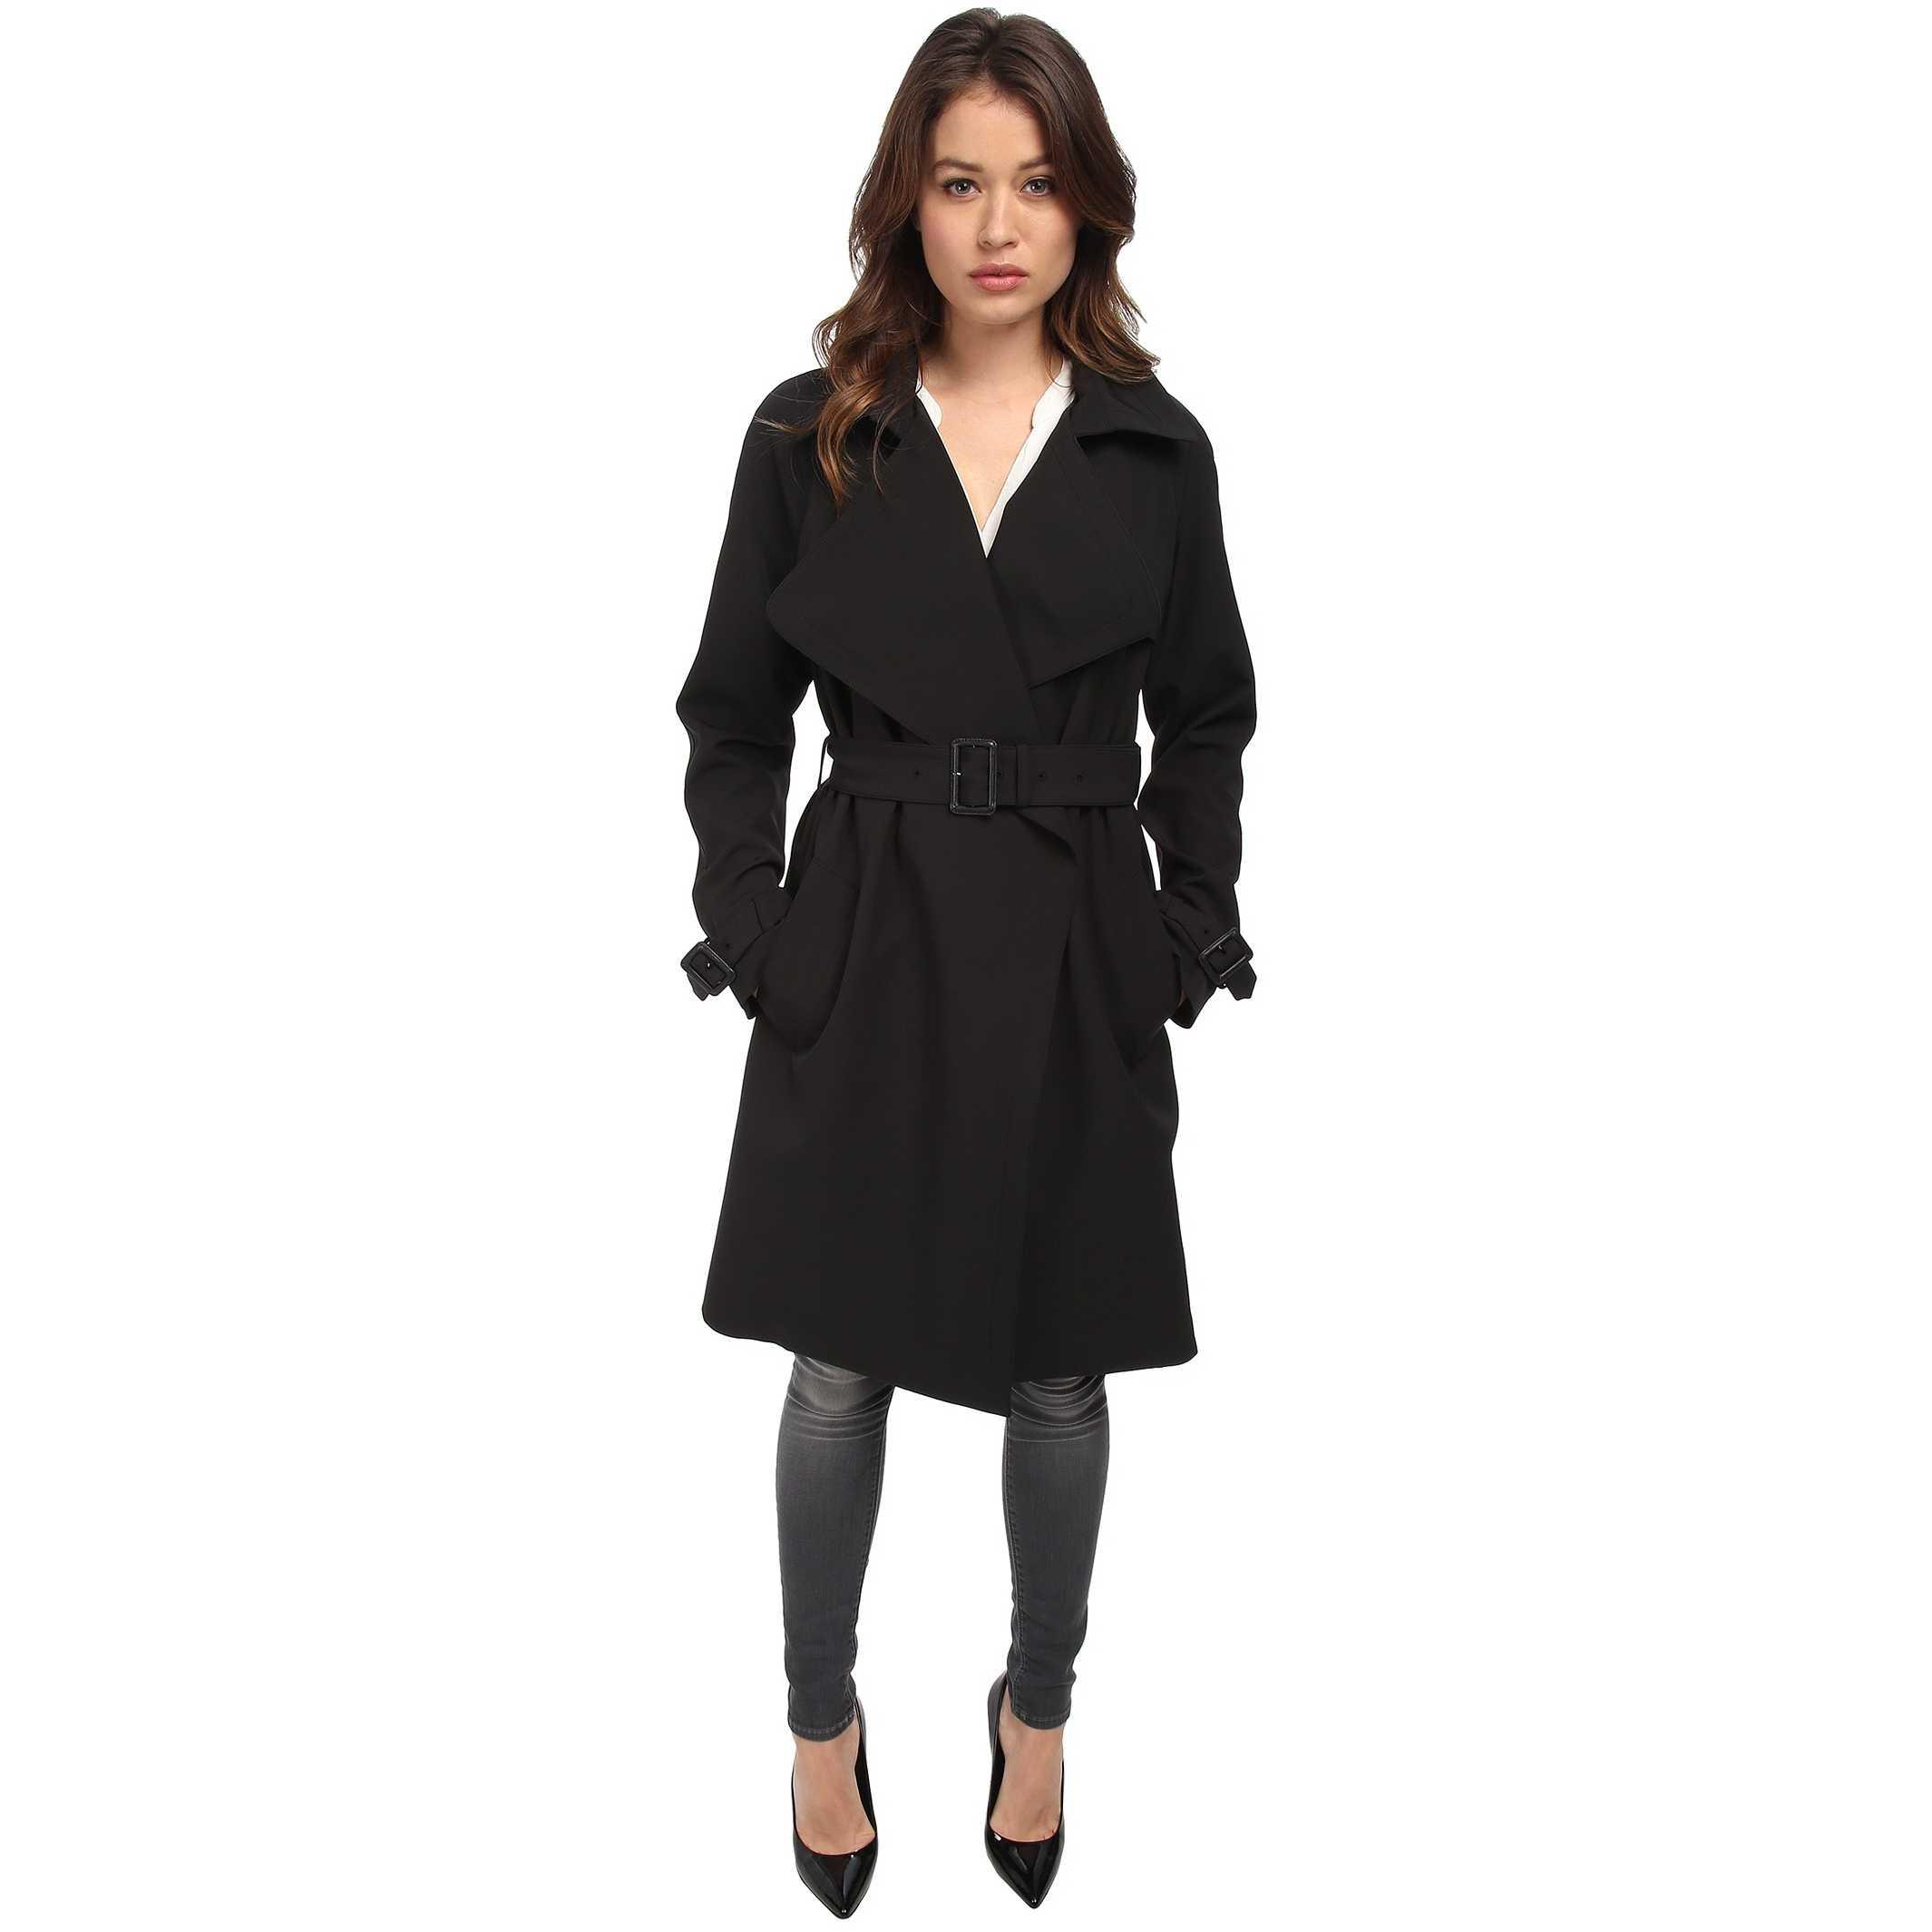 Diane von Furstenberg Anouk Trench Coat Black trench femei